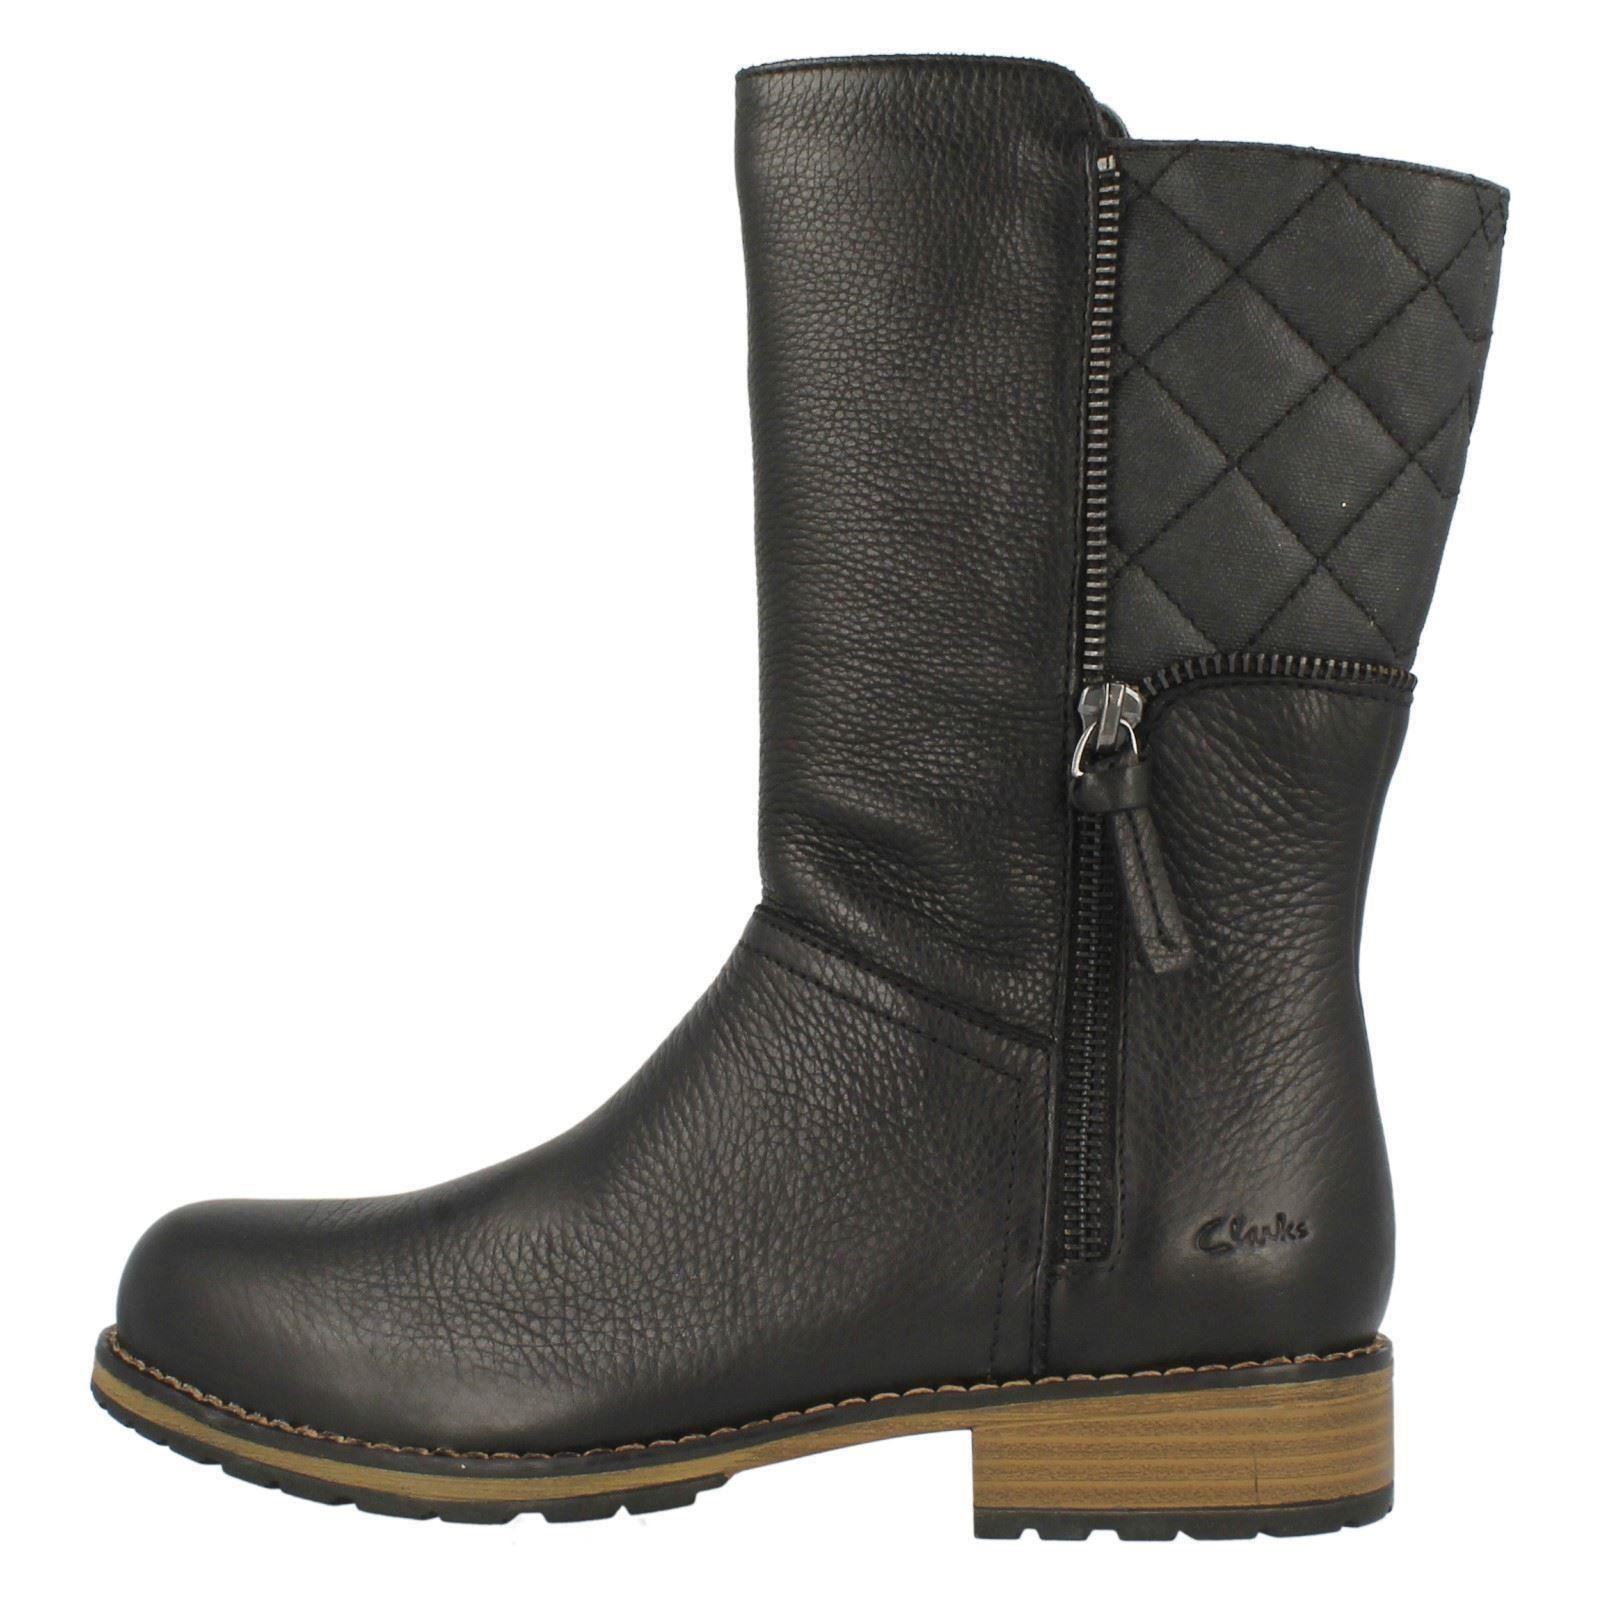 Boots Calf Clarks Black Heidi' Mid Niñas 'kelpie f1xq7t76w